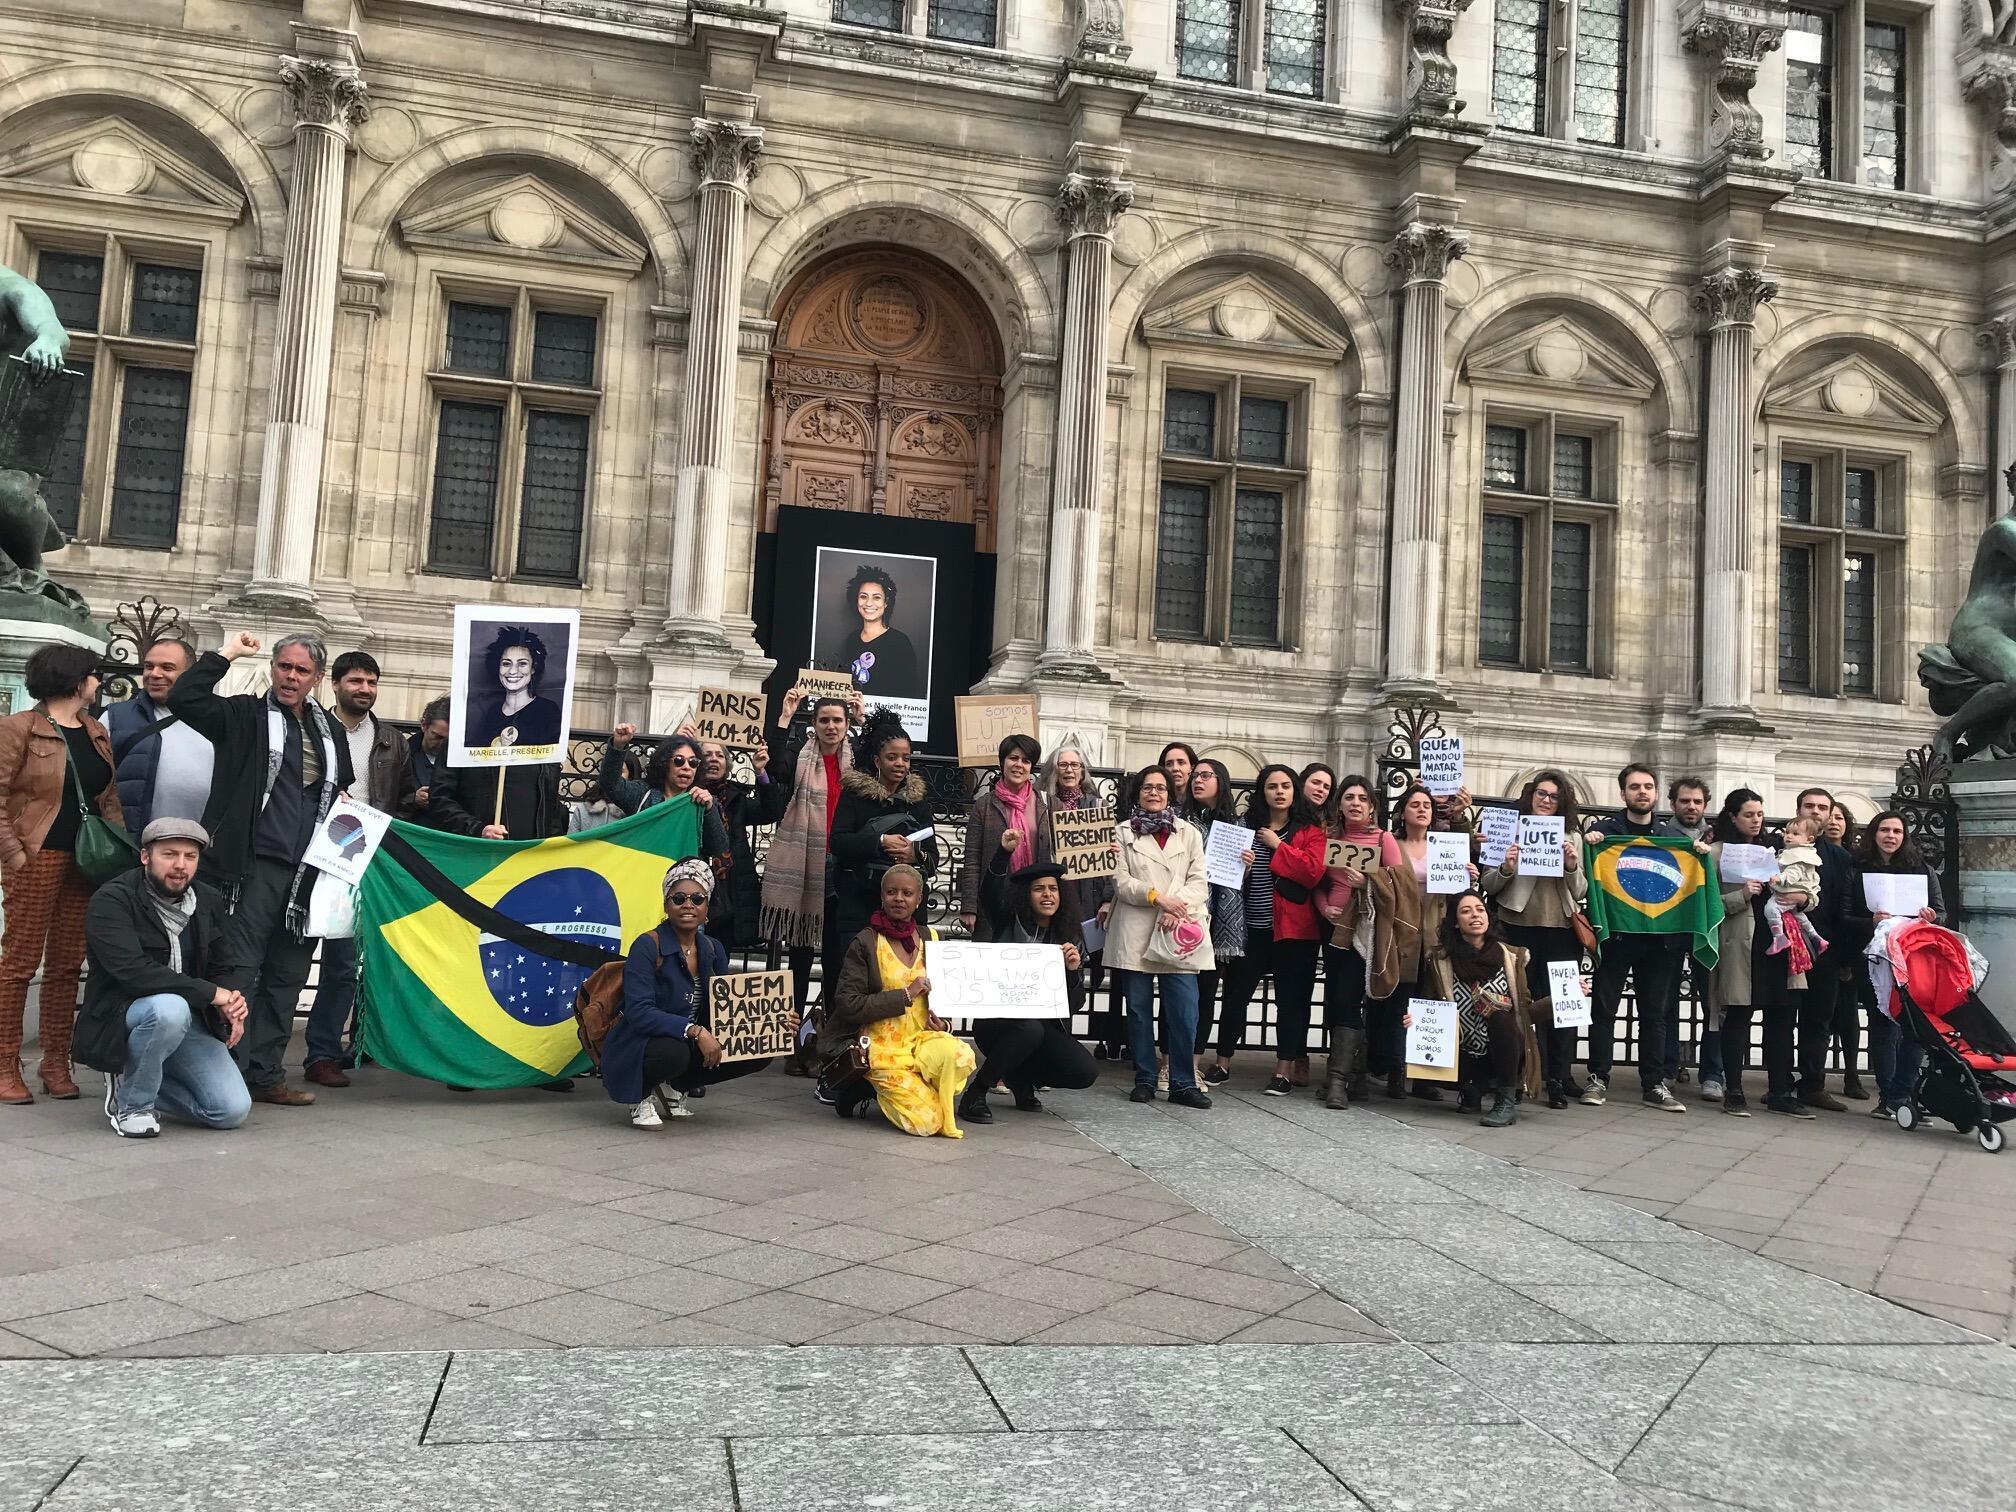 Manifestantes se reuniram diante da prefeitura de Paris para lembrar um ano da morte de Marielle Franco